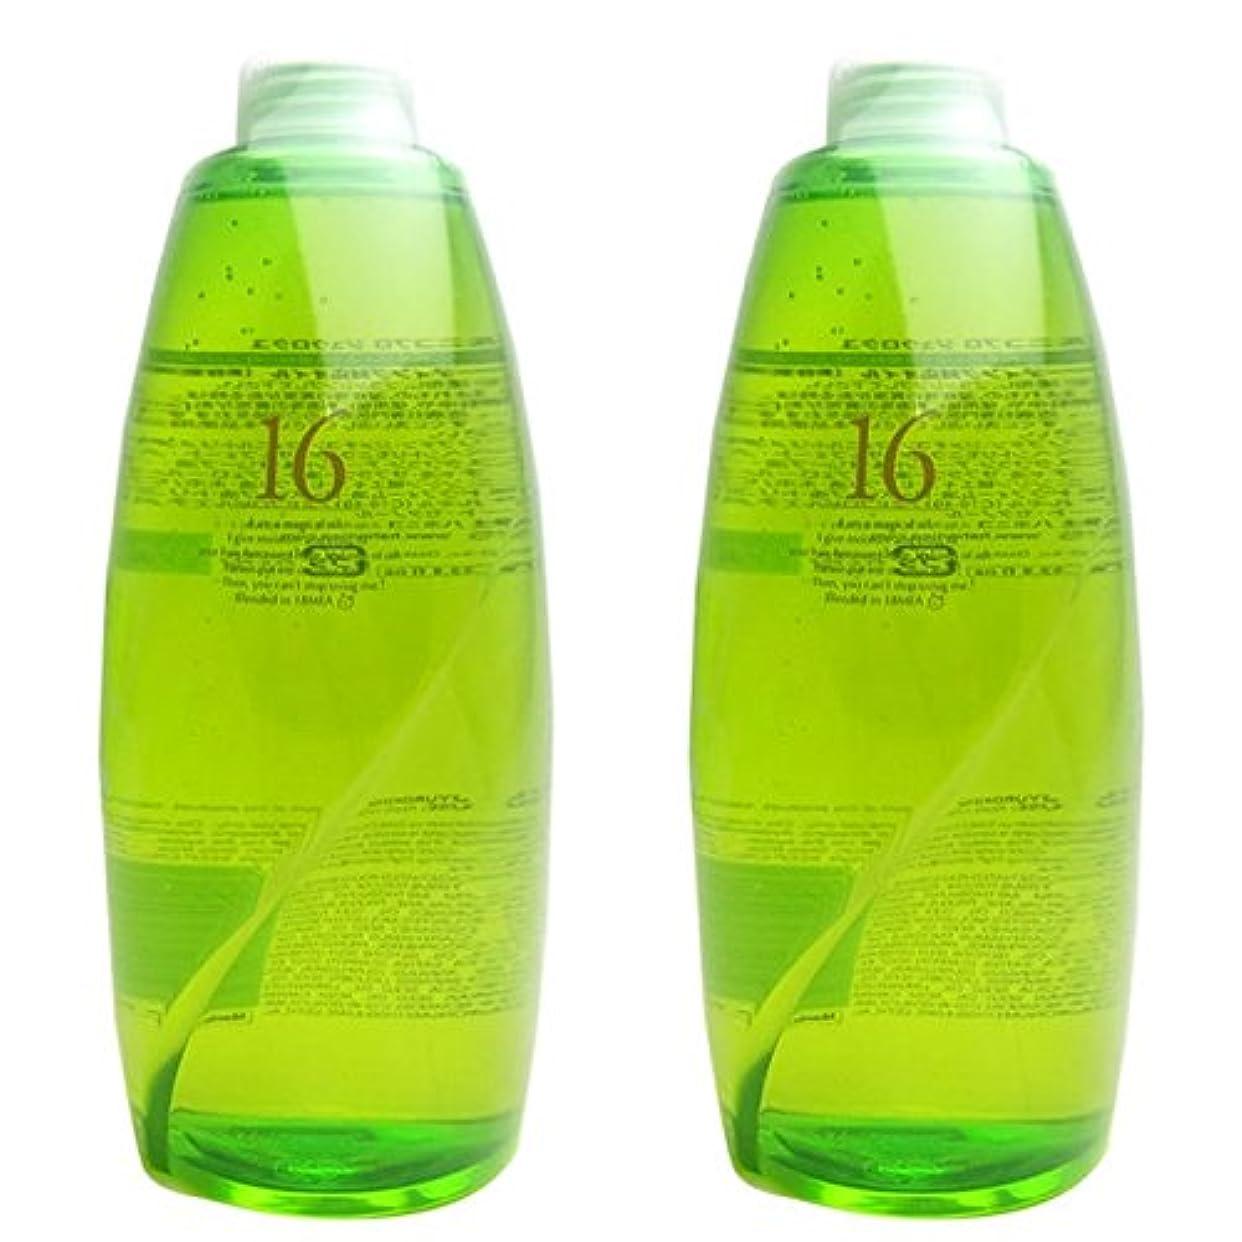 異常な強制過度に【X2個セット】 ハホニコ 十六油 (洗い流さないトリートメント) 1000ml 詰替え用 hahonico